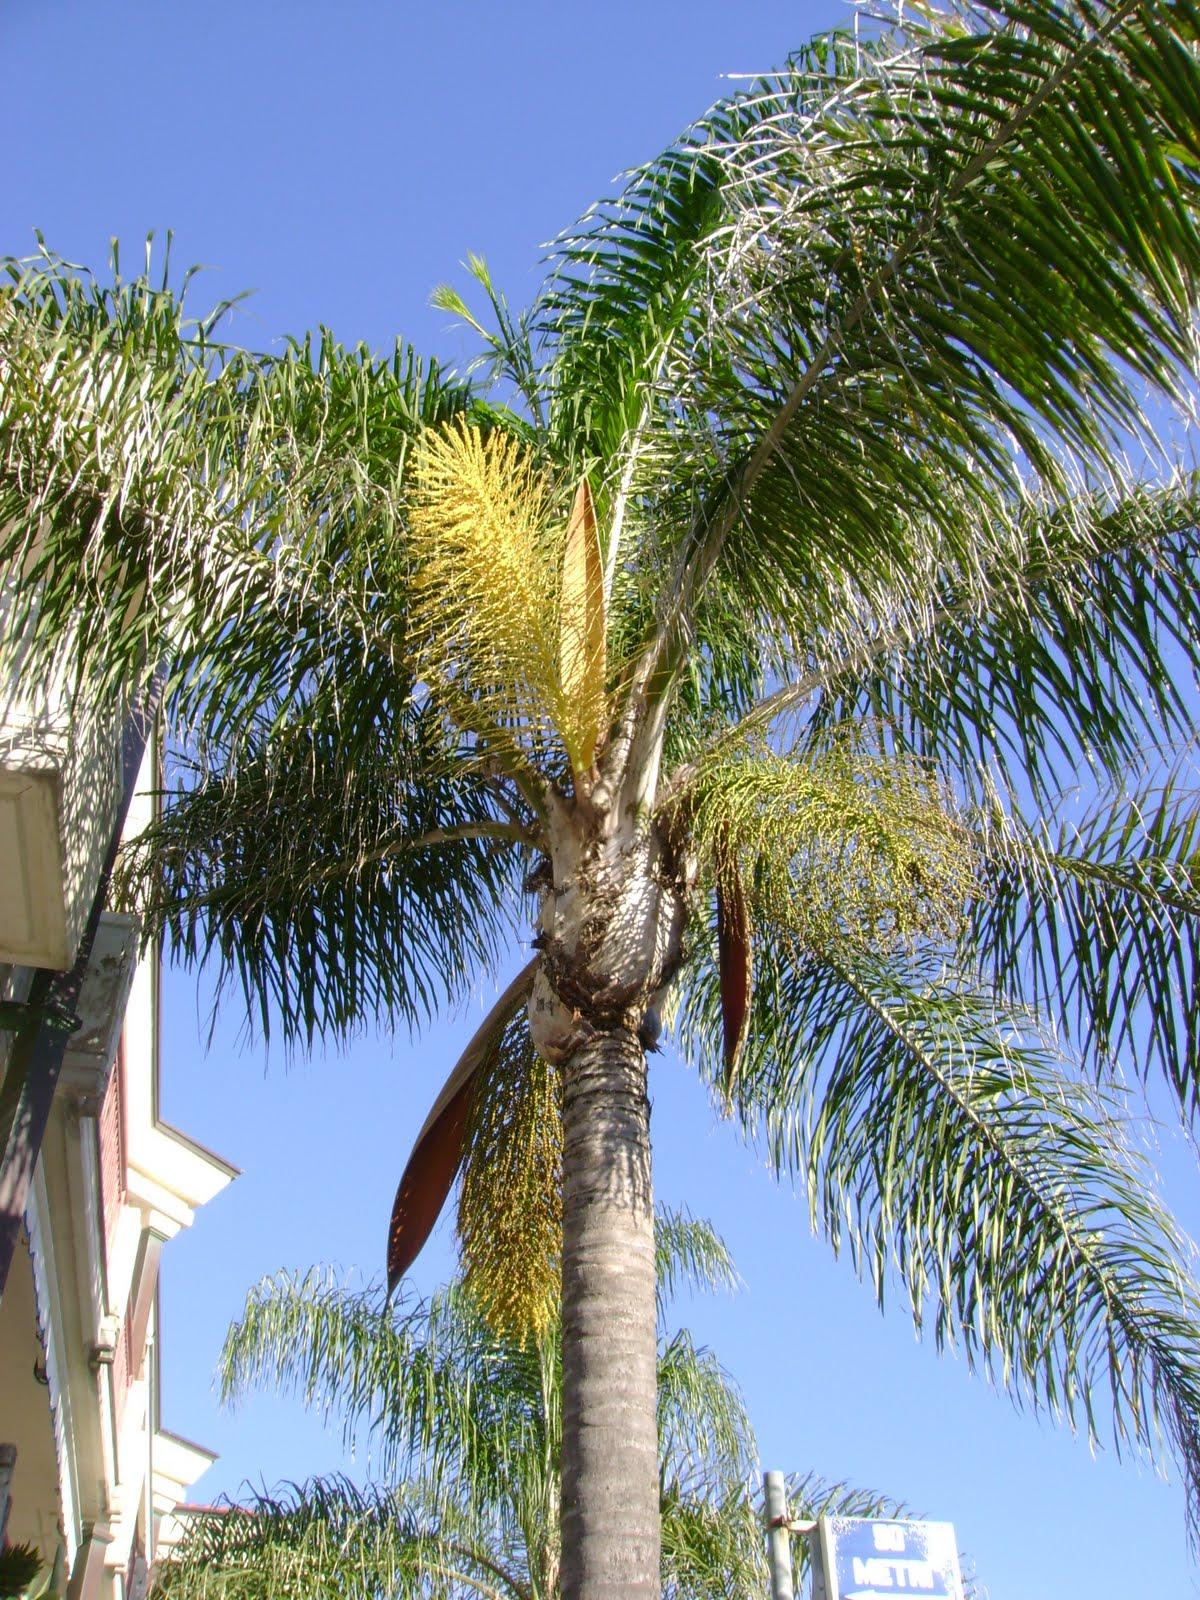 Semiriciclo syagrus romanzoffianum palma regina - Radici palma ...